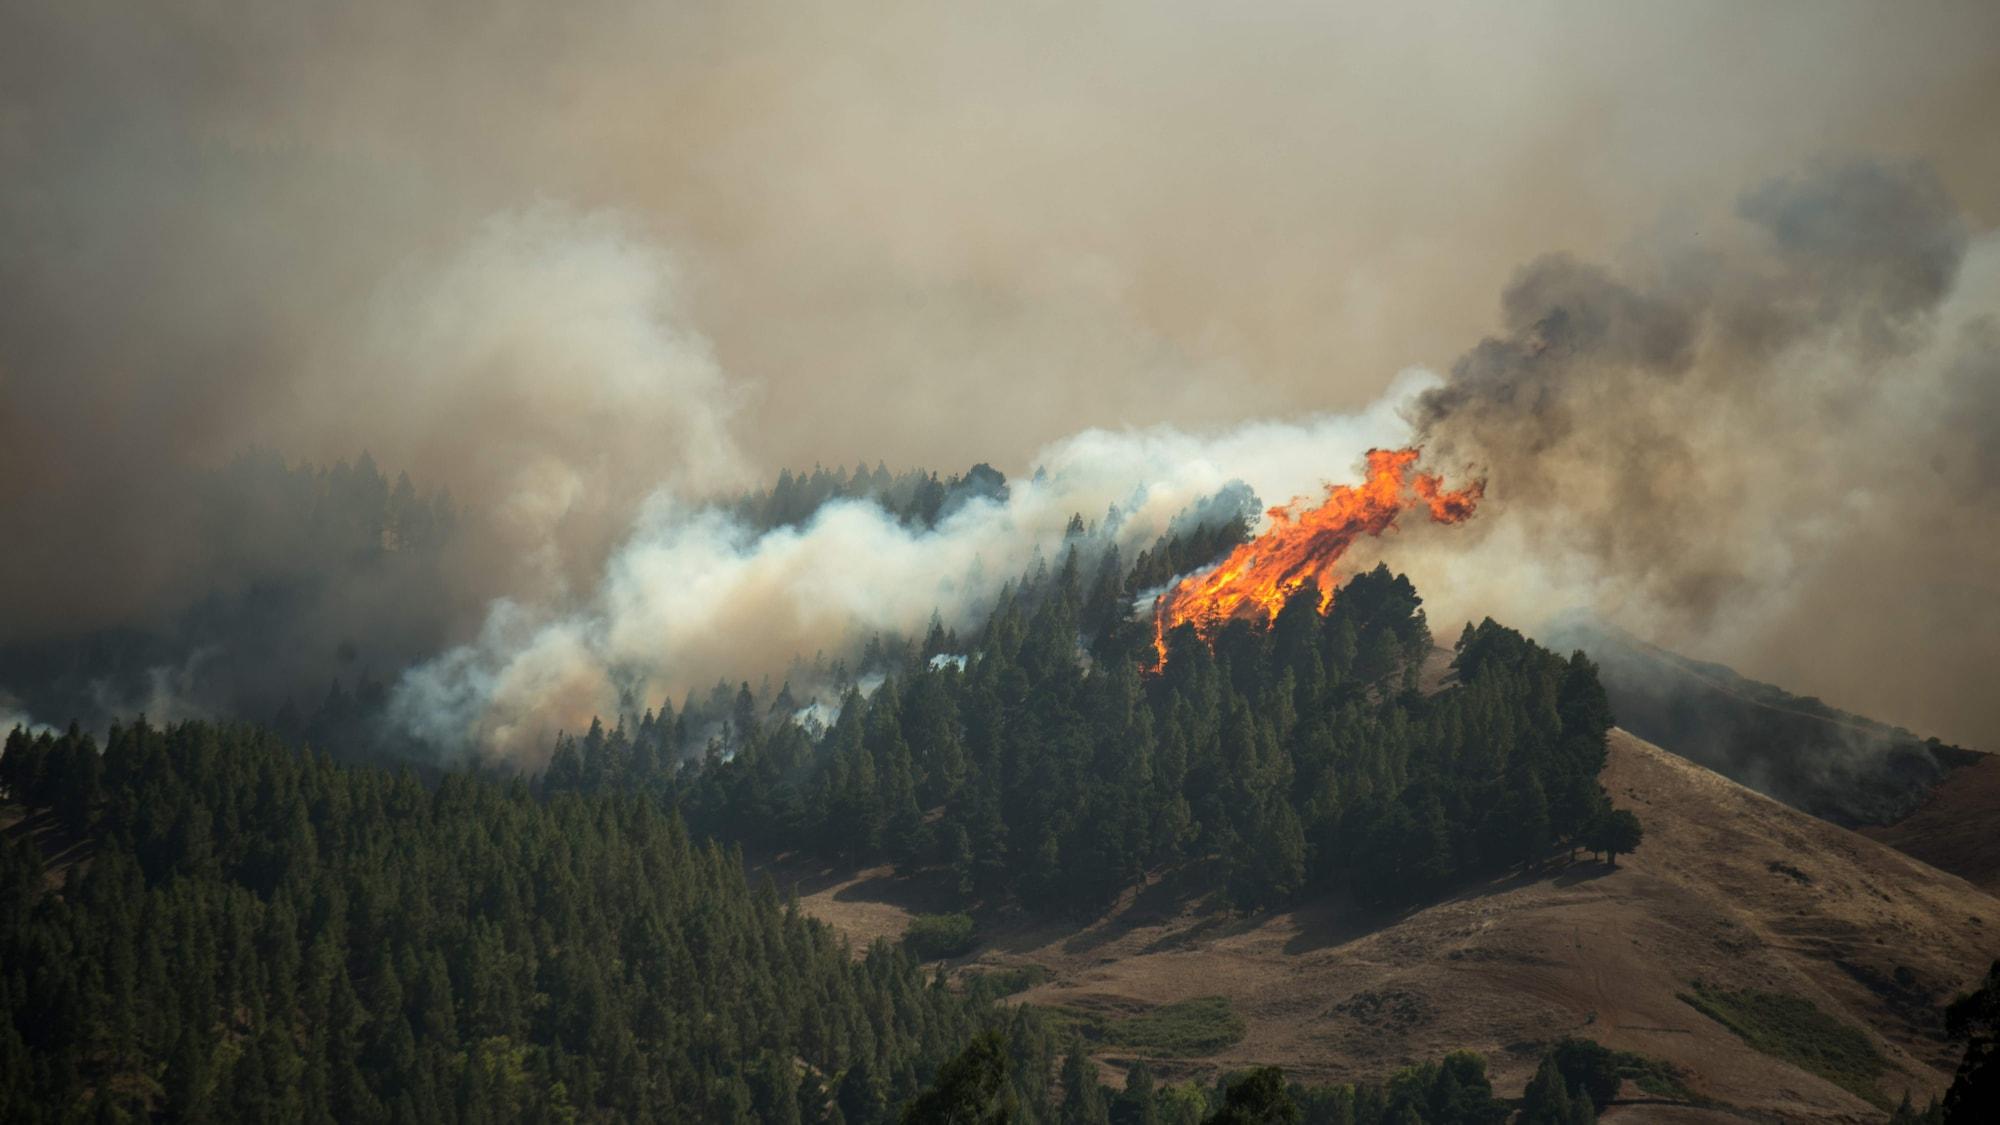 Erneuter Waldbrand auf Gran Canaria: 5000 Menschen aus Touristengebiet evakuiert